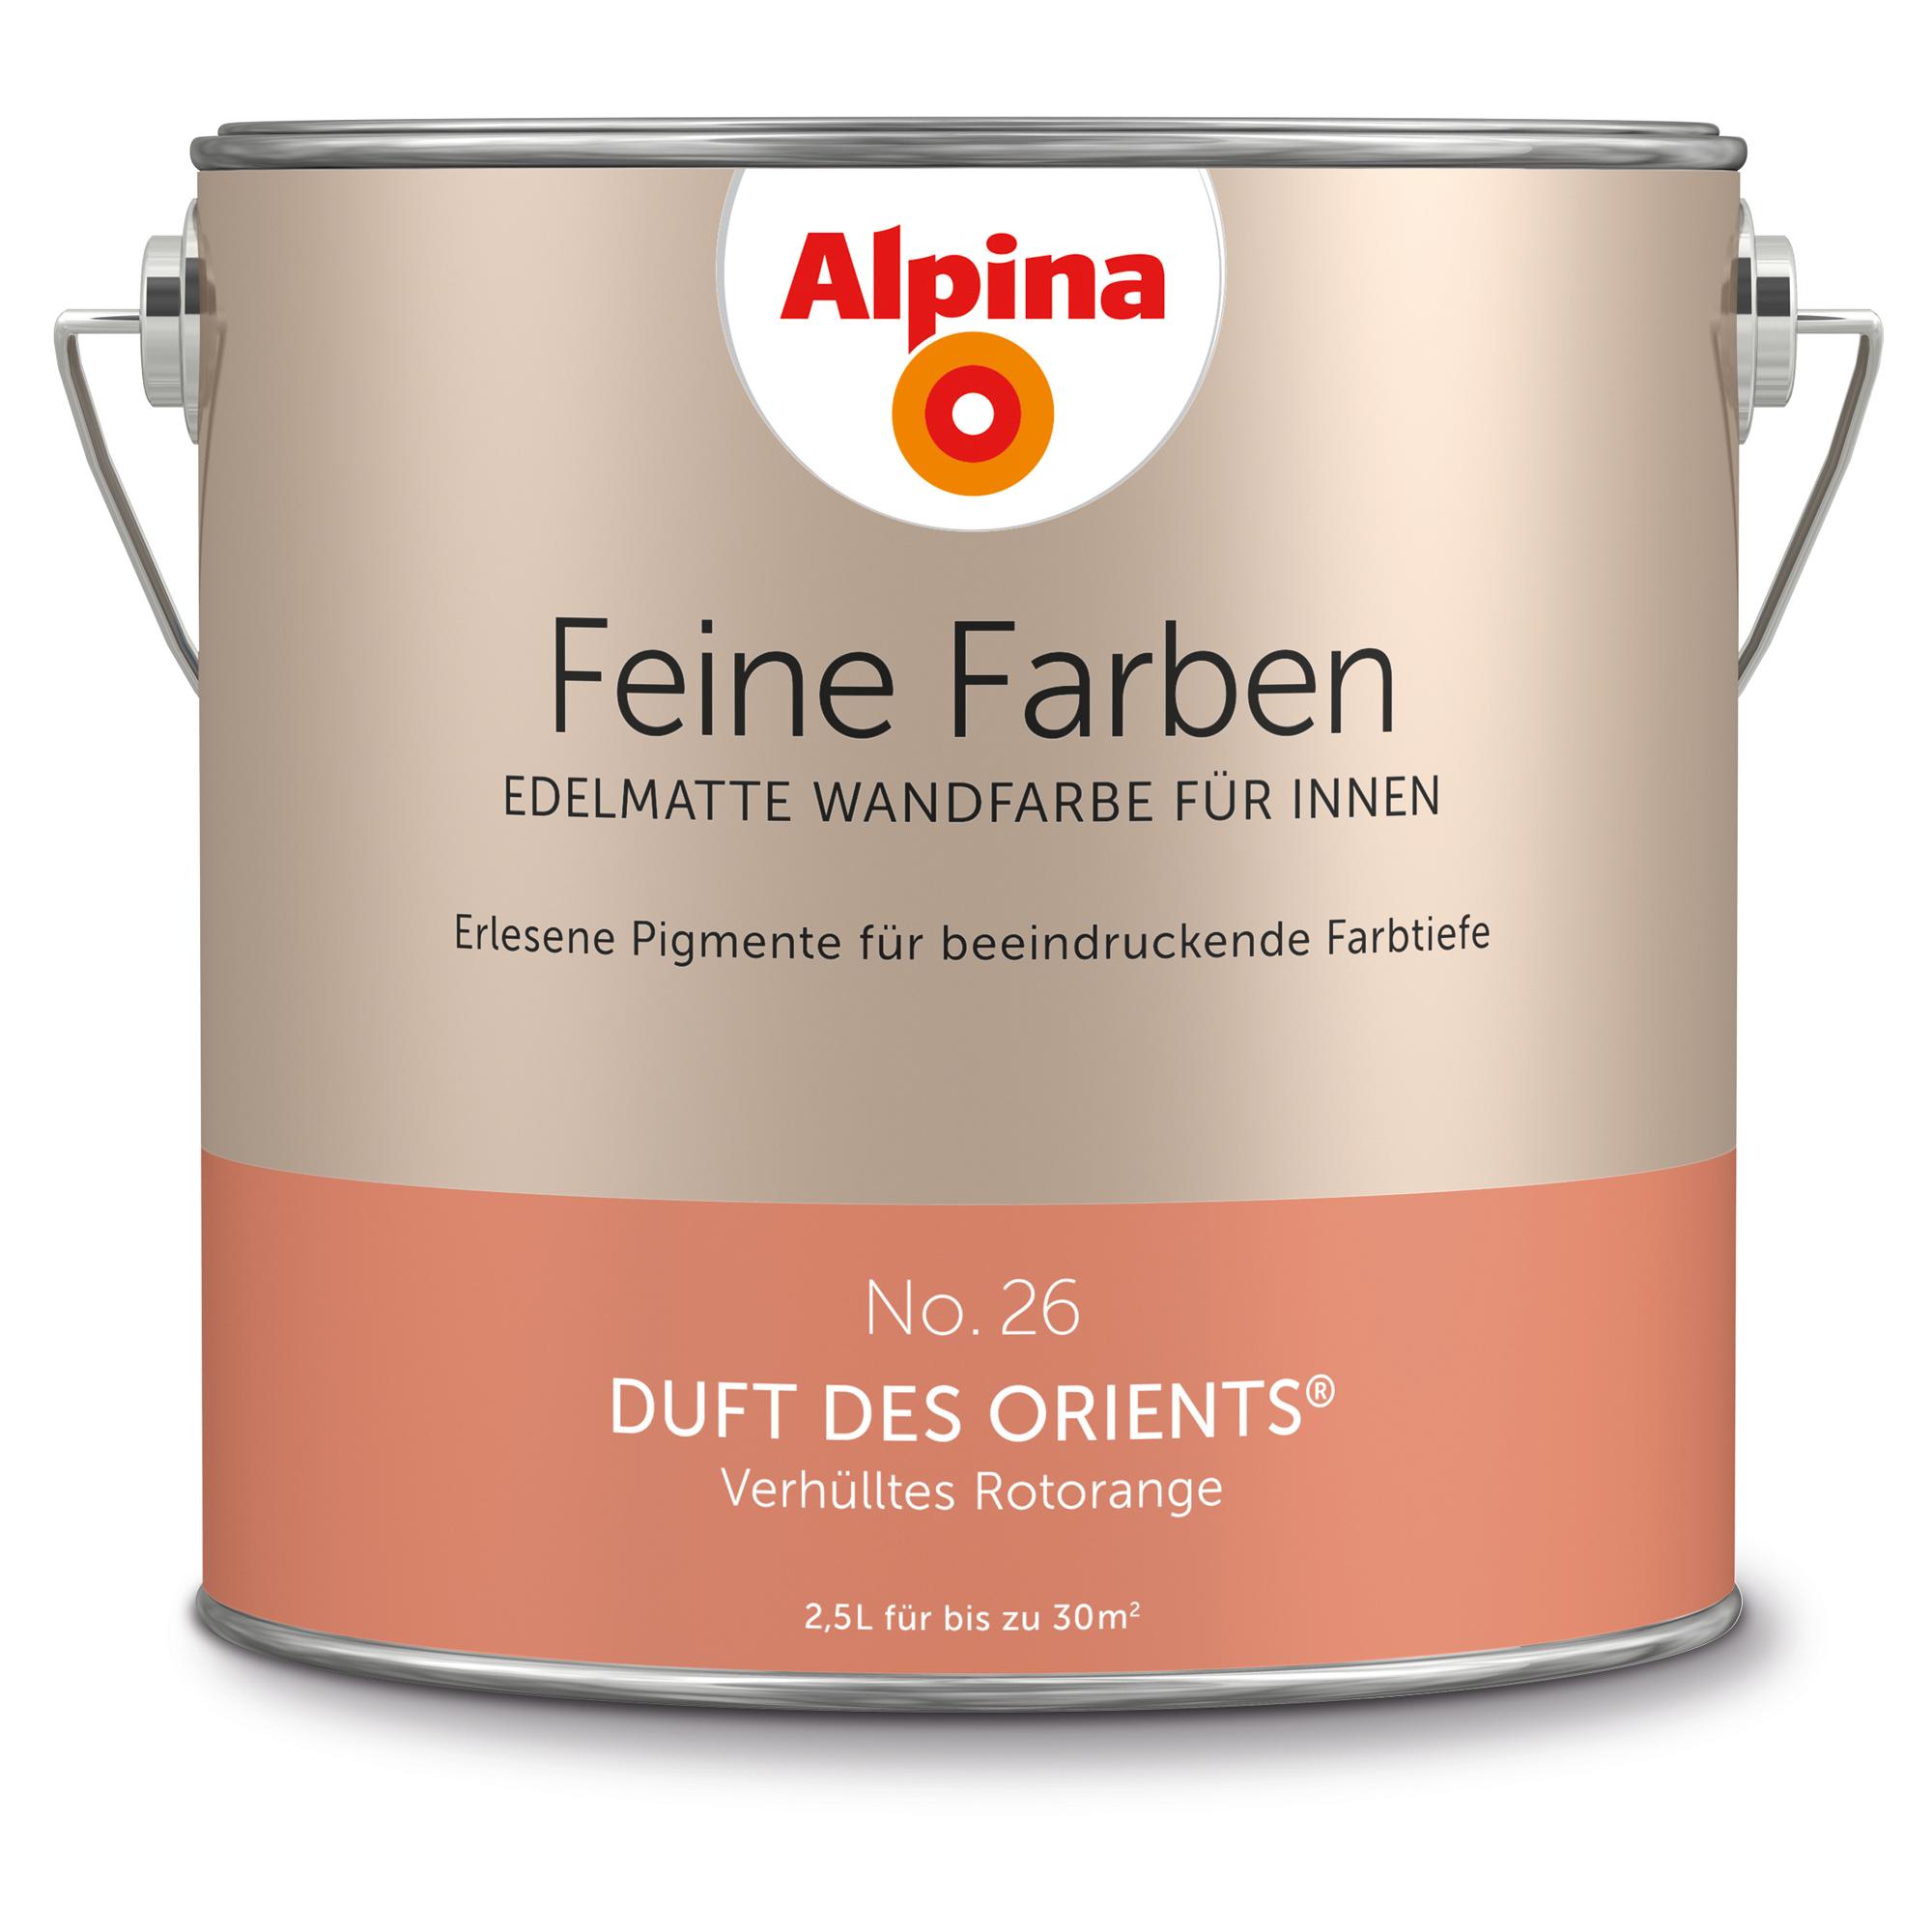 Alpina Feine Farben Duft des Orients, orange